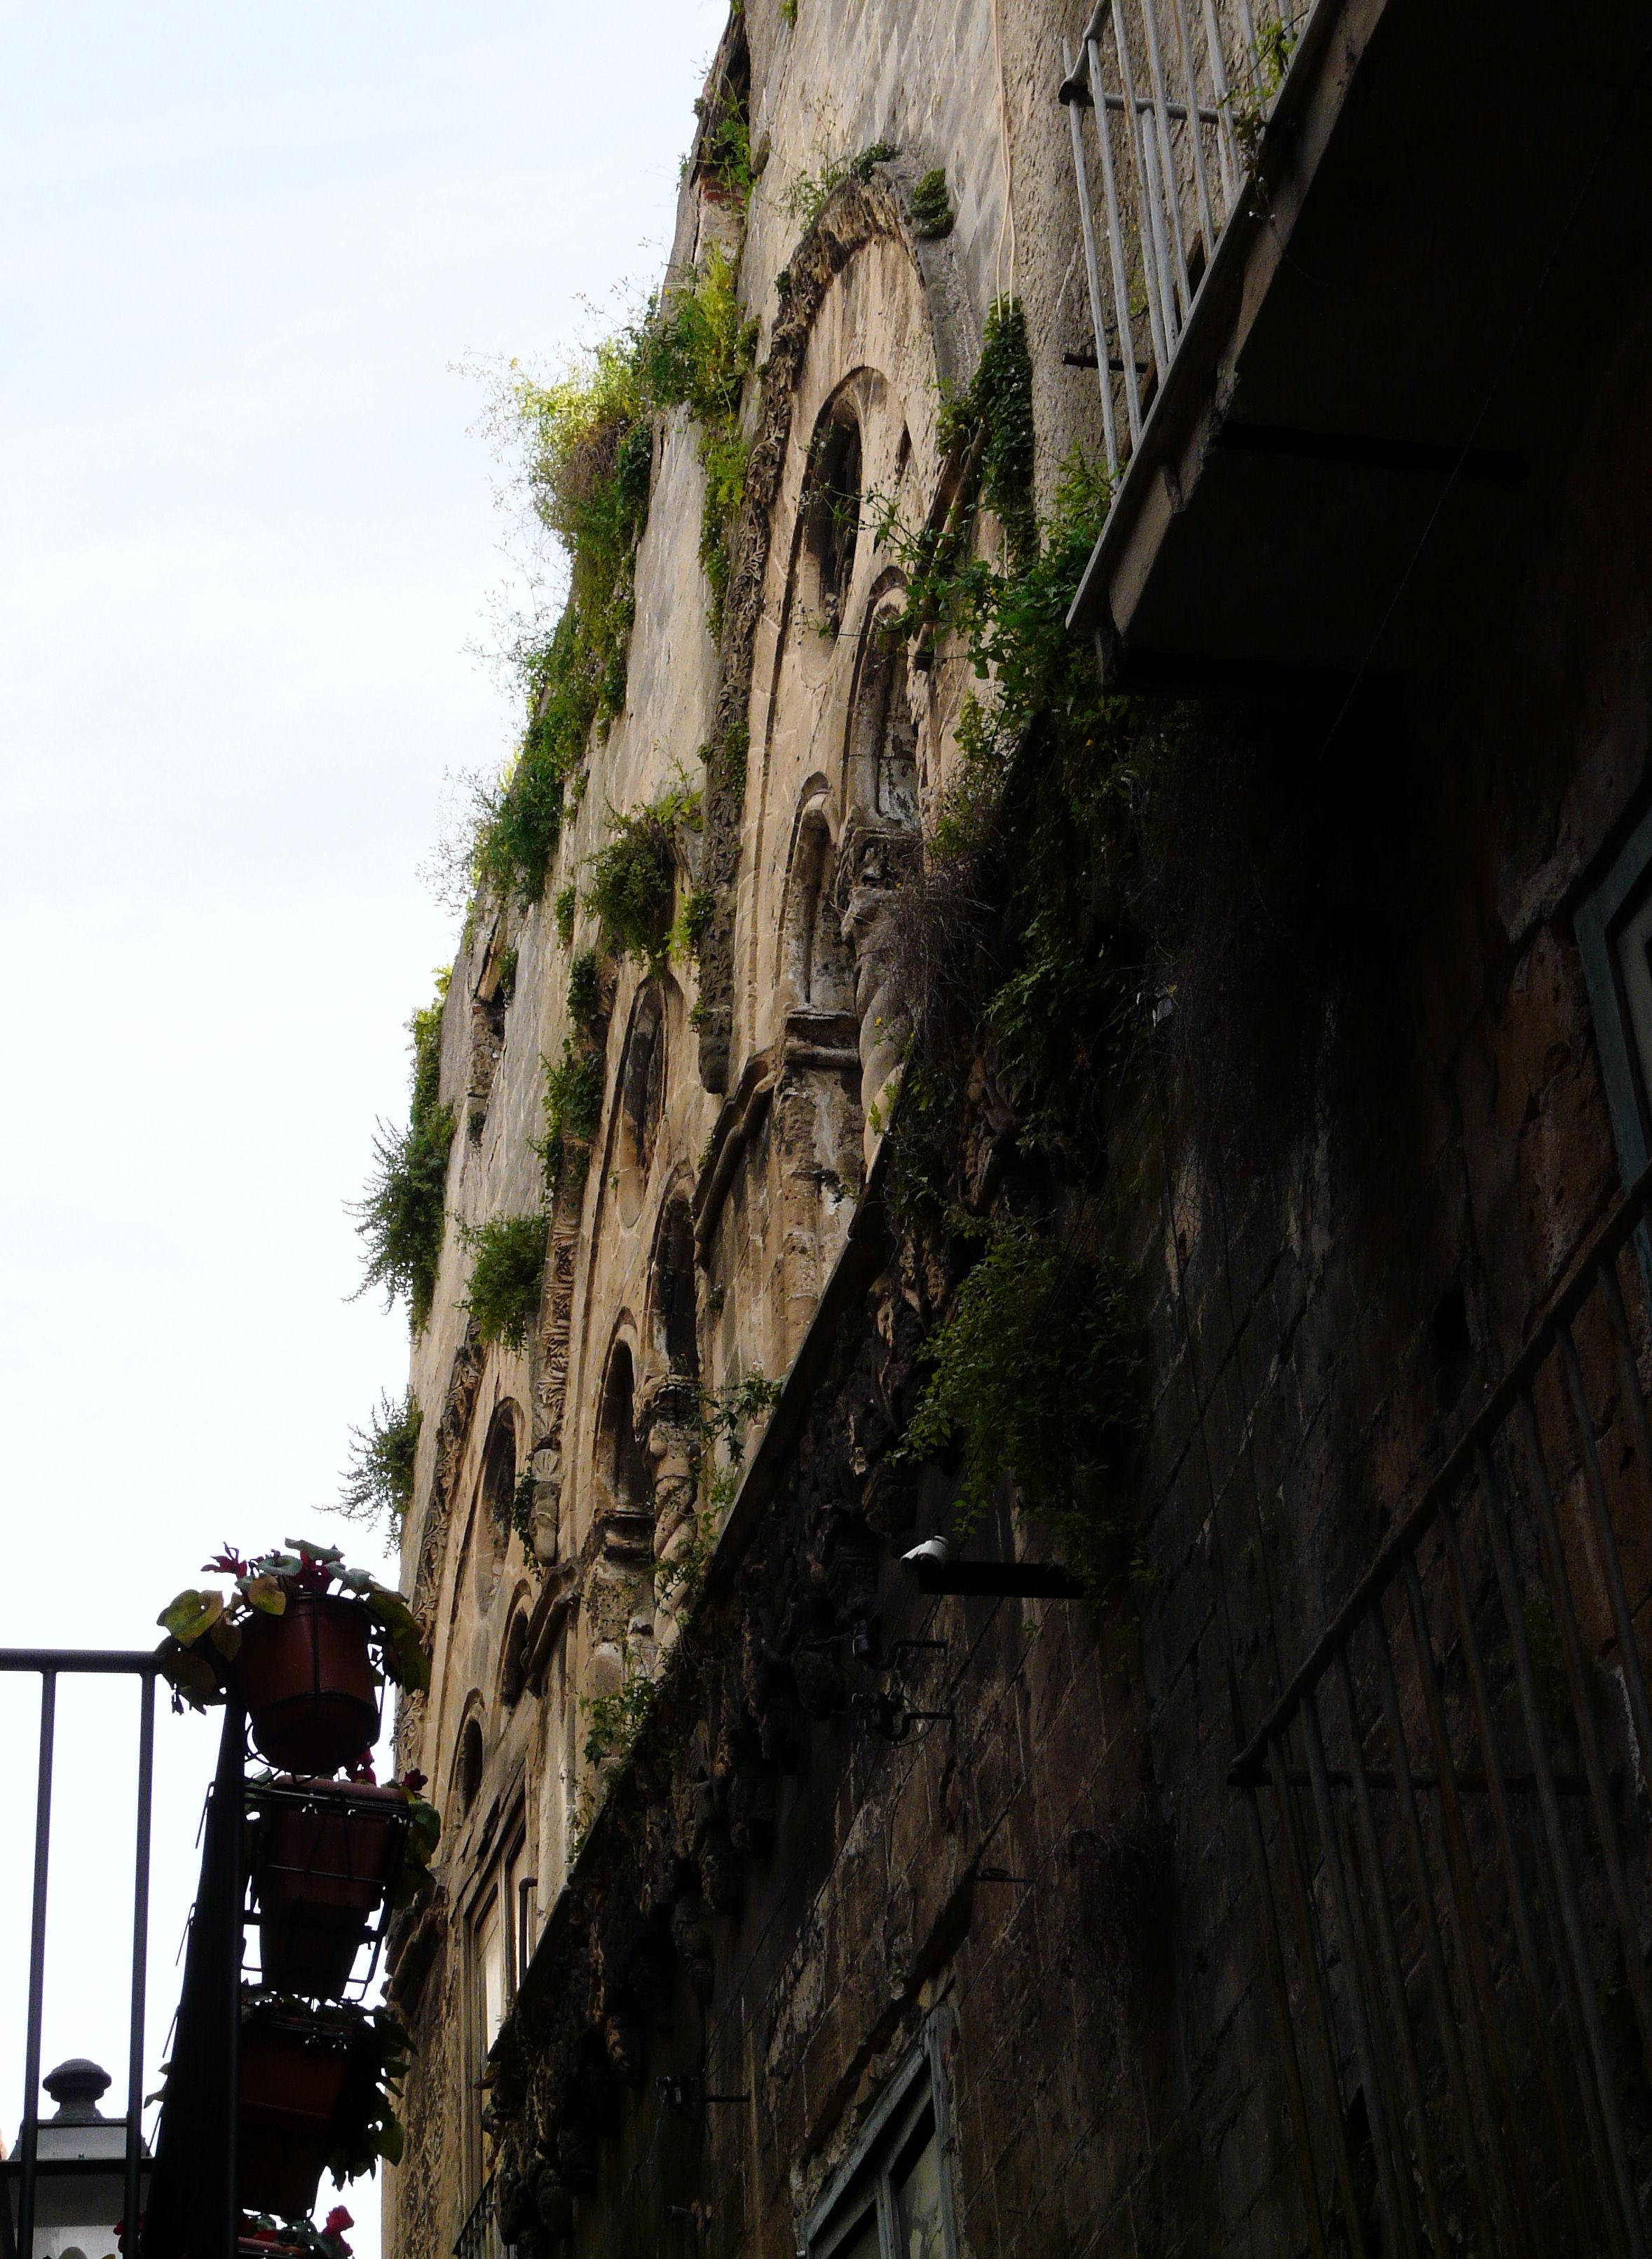 © Dipartimento di Scienze della Vita, Università degli Studi di Trieste<br>by Andrea Moro<br>Comune di Palermo, centro storico, PA, Sicilia, Italia, 09/04/2008<br>Distributed under CC-BY-SA 4.0 license.